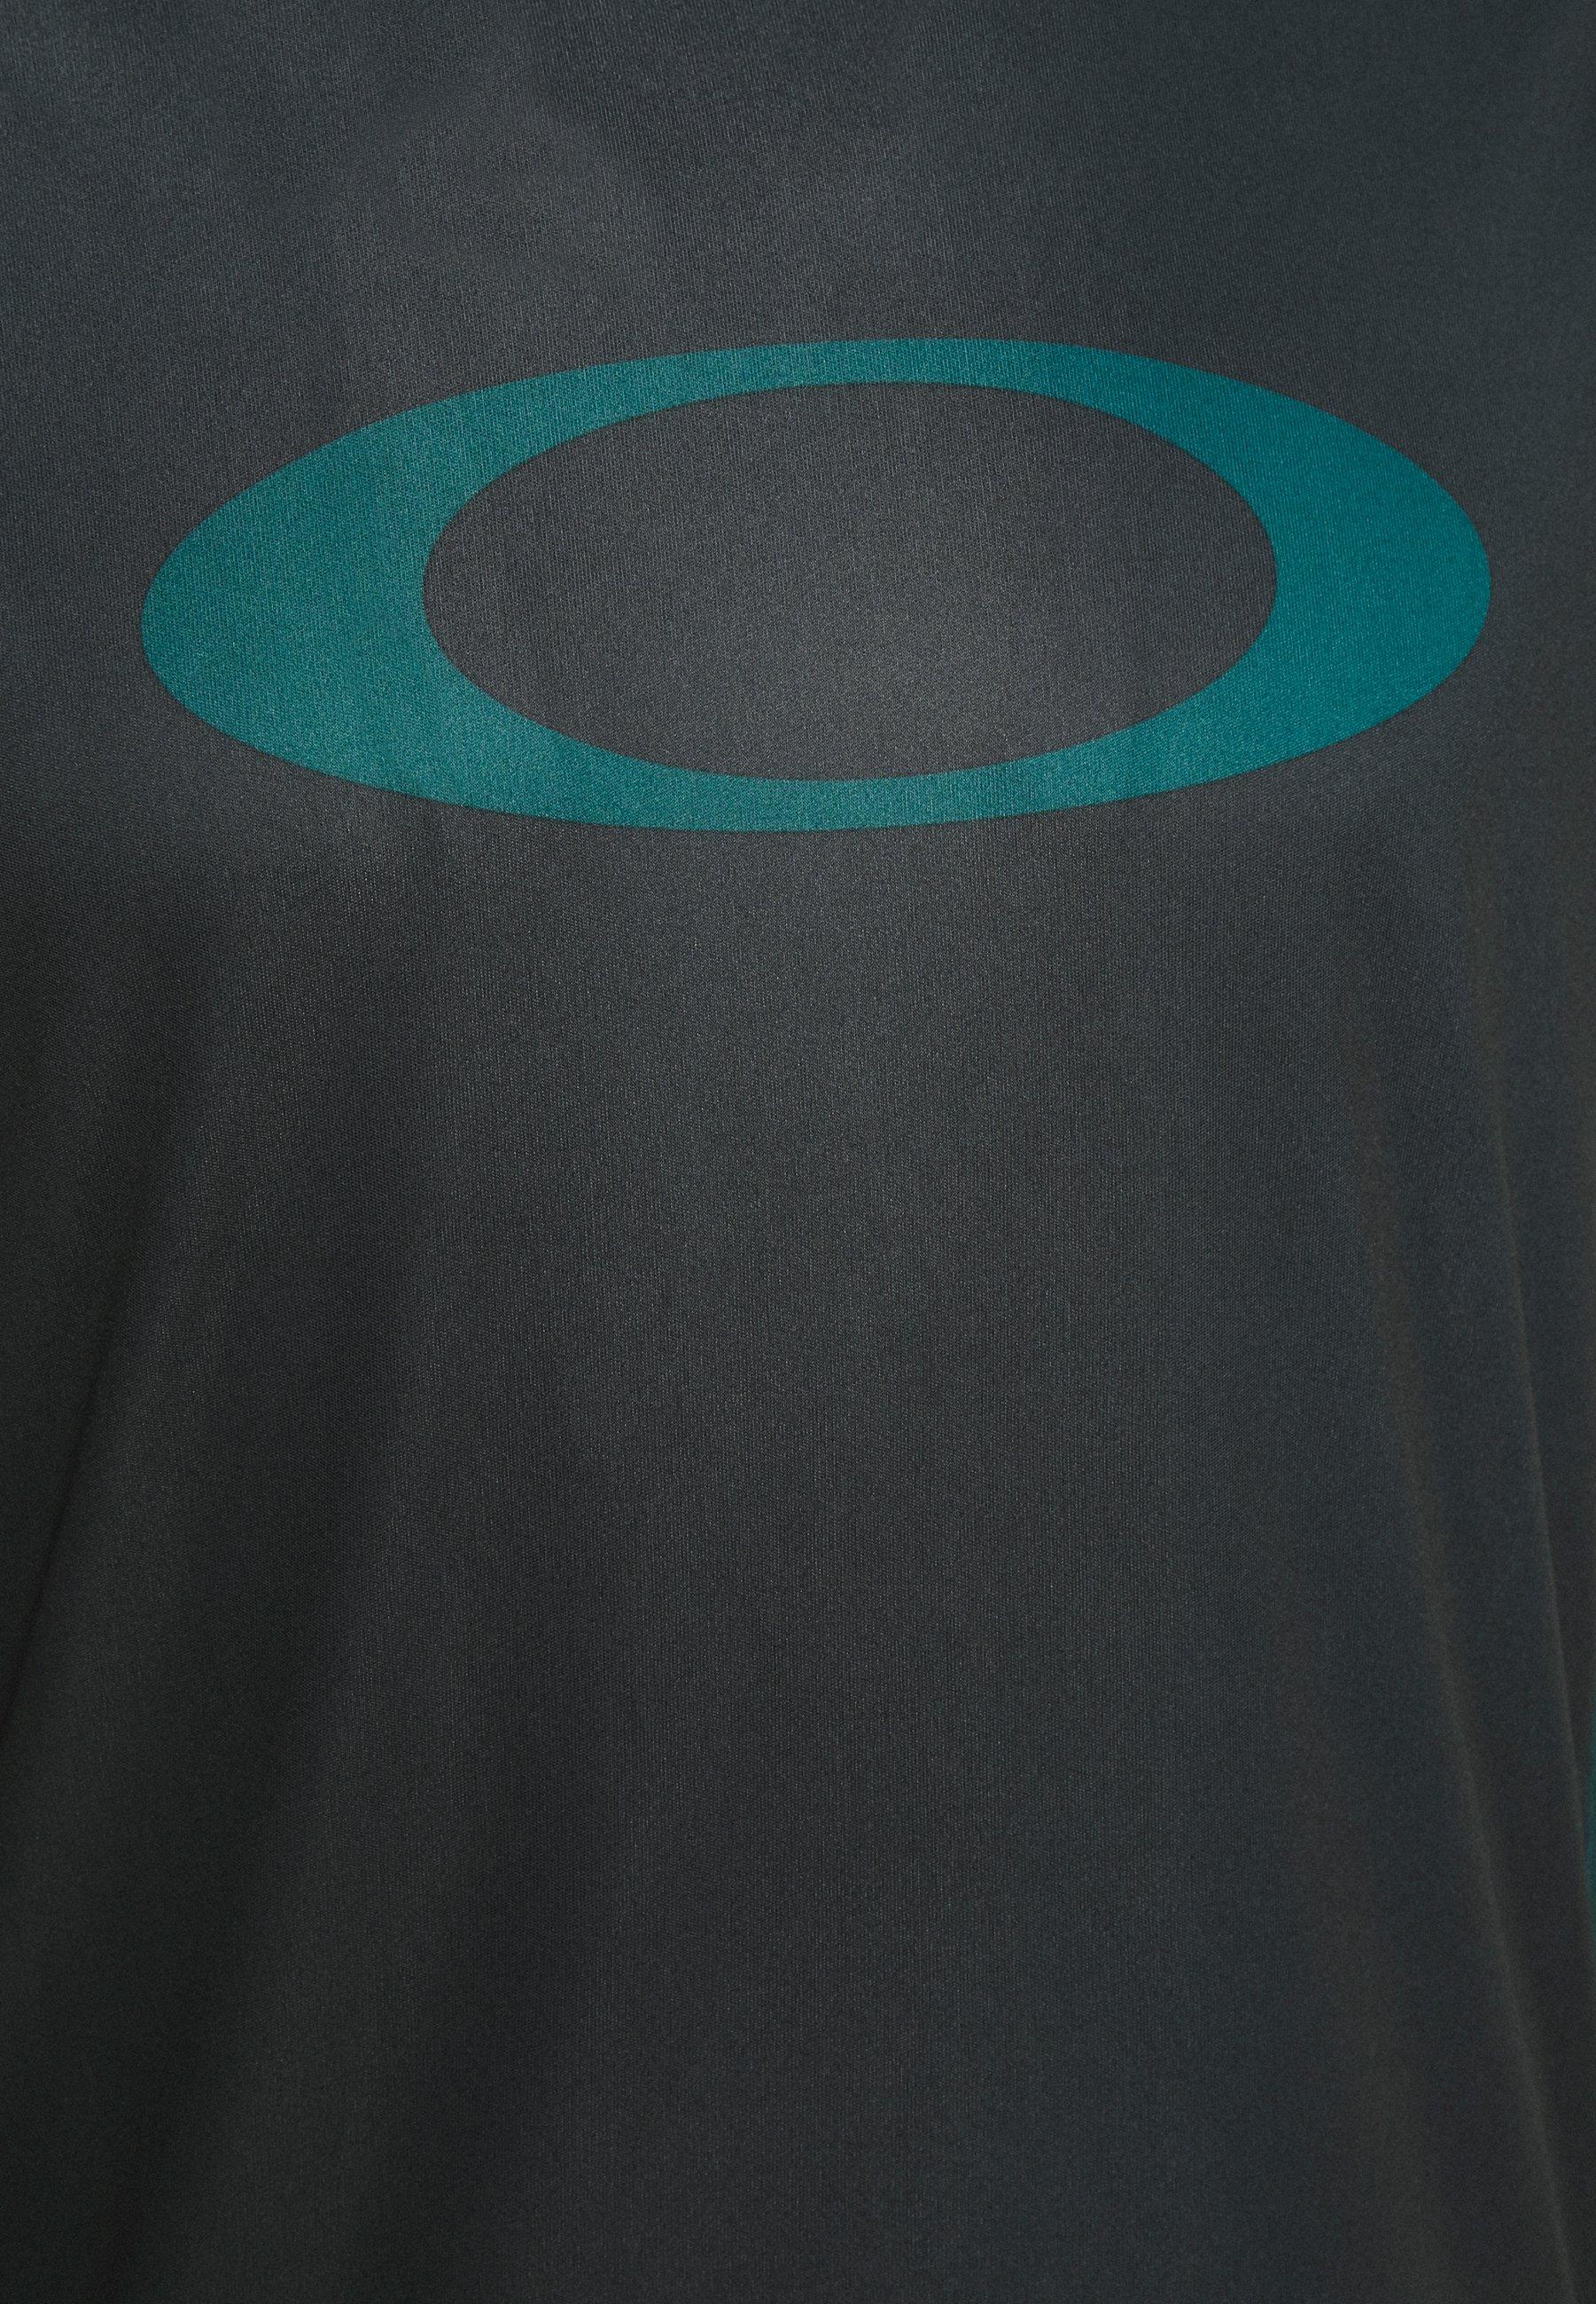 Uusi Muodin Tyyli Miesten vaatteet Sarja dfKJIUp97454sfGHYHD Oakley TECH TEE Printtipaita dull onix